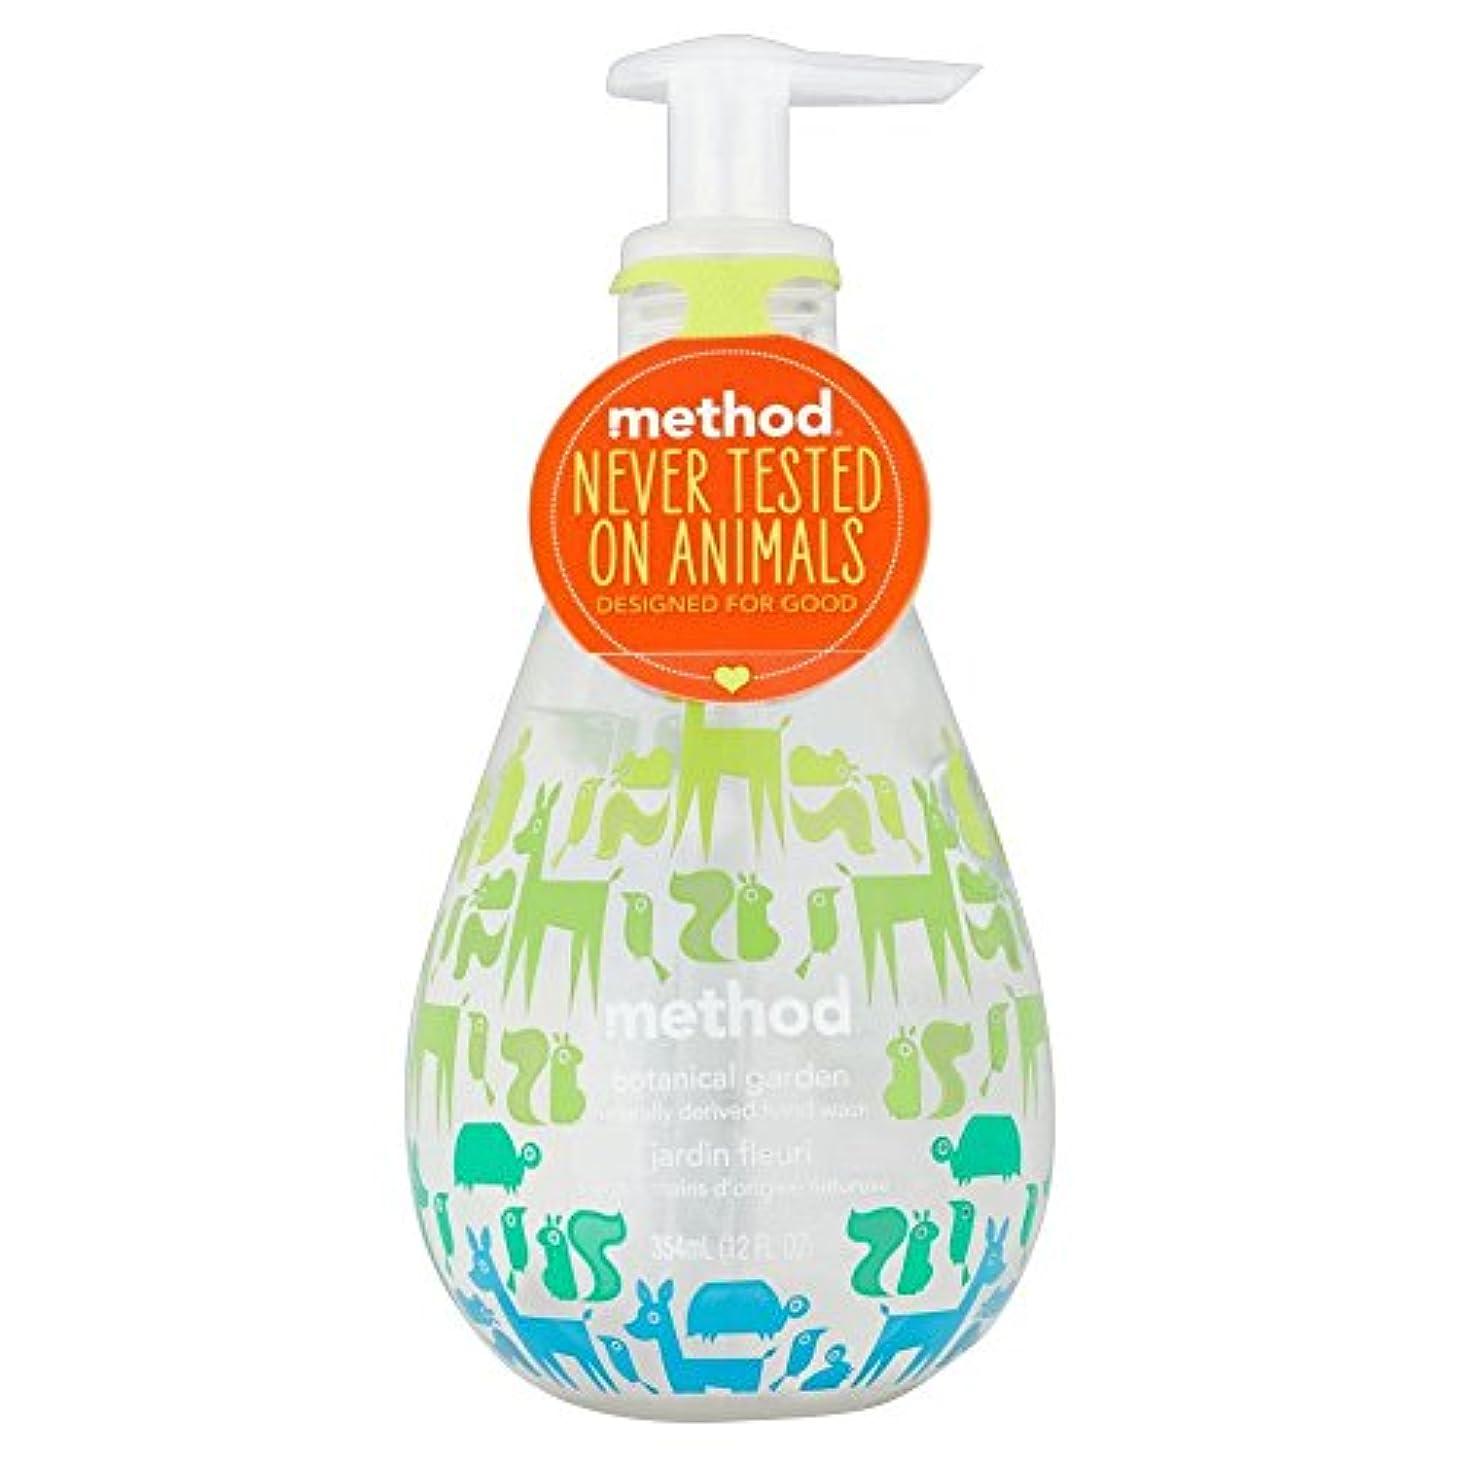 鋸歯状生物学カップMethod Hand Wash - Botanical Garden (354ml) メソッドハンドウォッシュ - 植物園( 354ミリリットル) [並行輸入品]